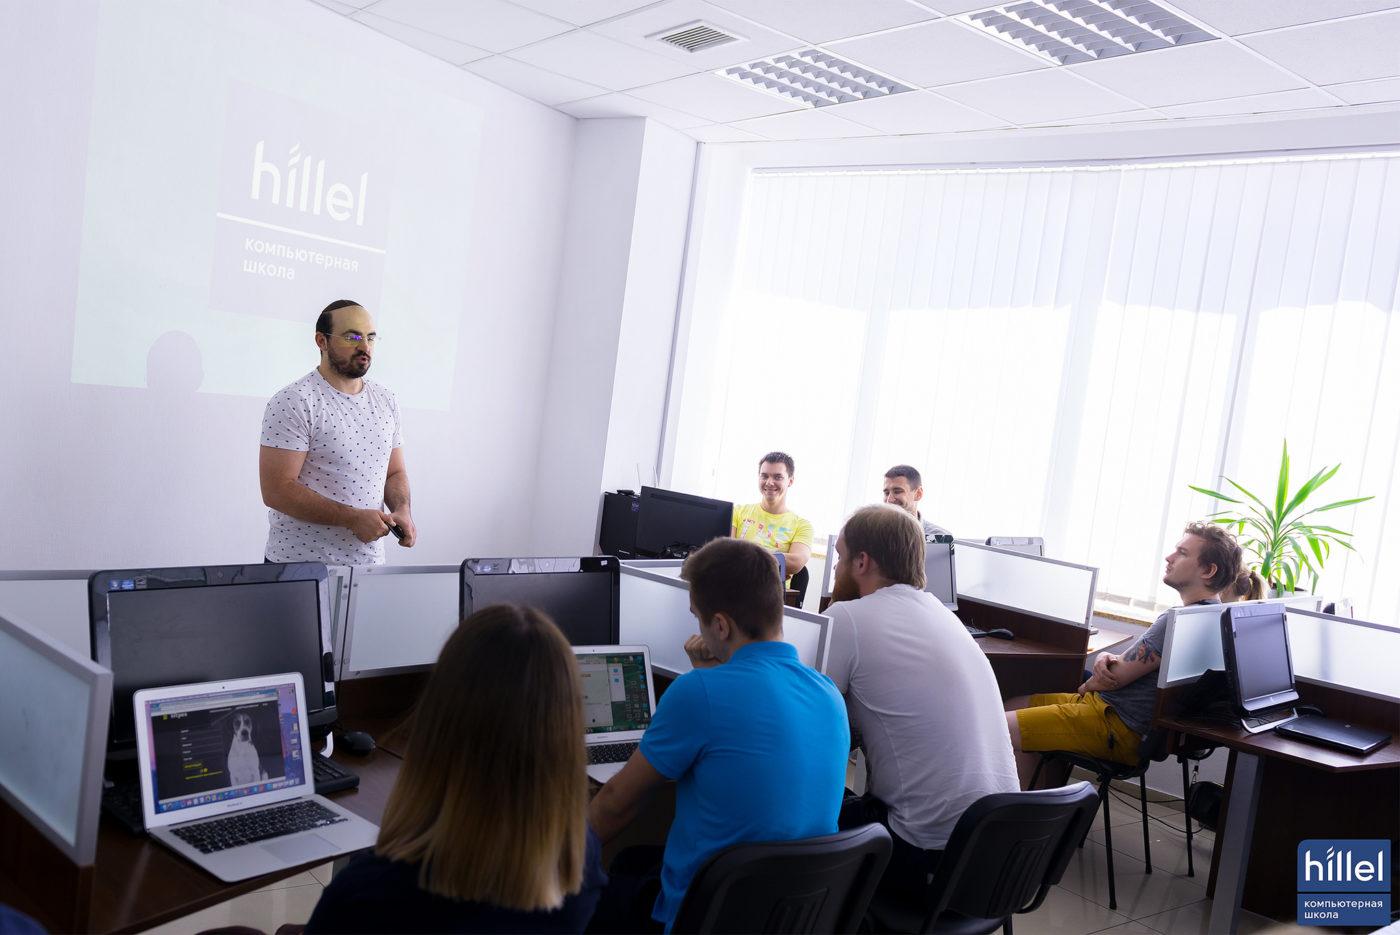 Статьи: Как программа Hillel Evo помогает приобрести практический опыт. Отзывы участников Evo.